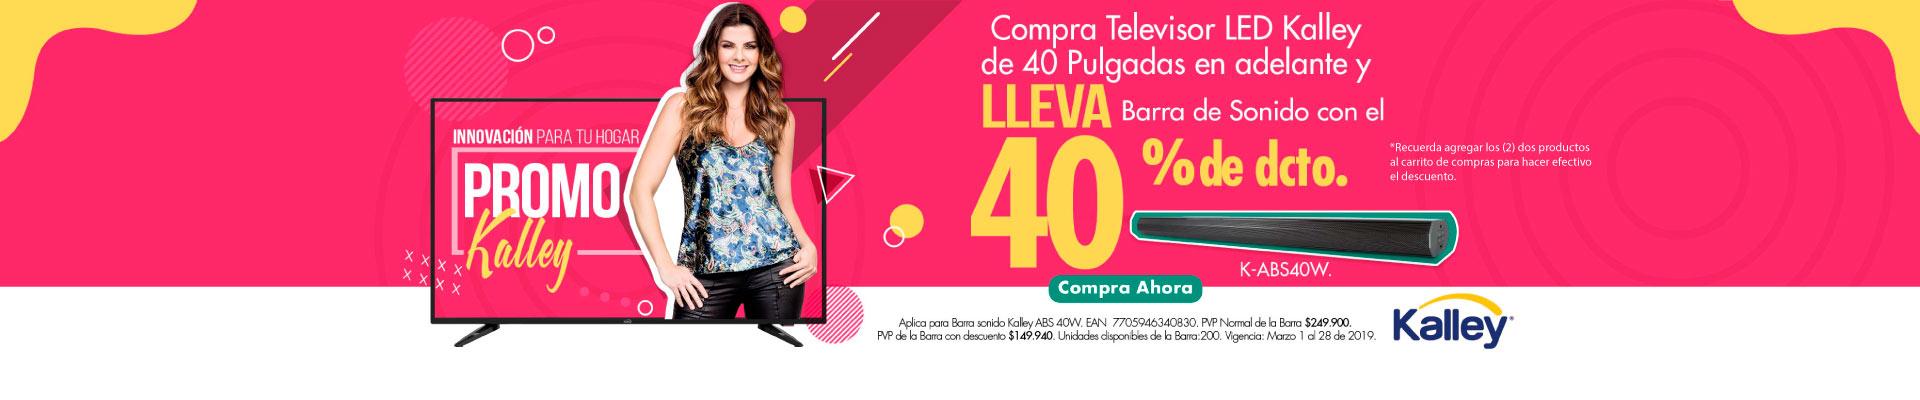 BP ALKP KALLEY TV CASADO